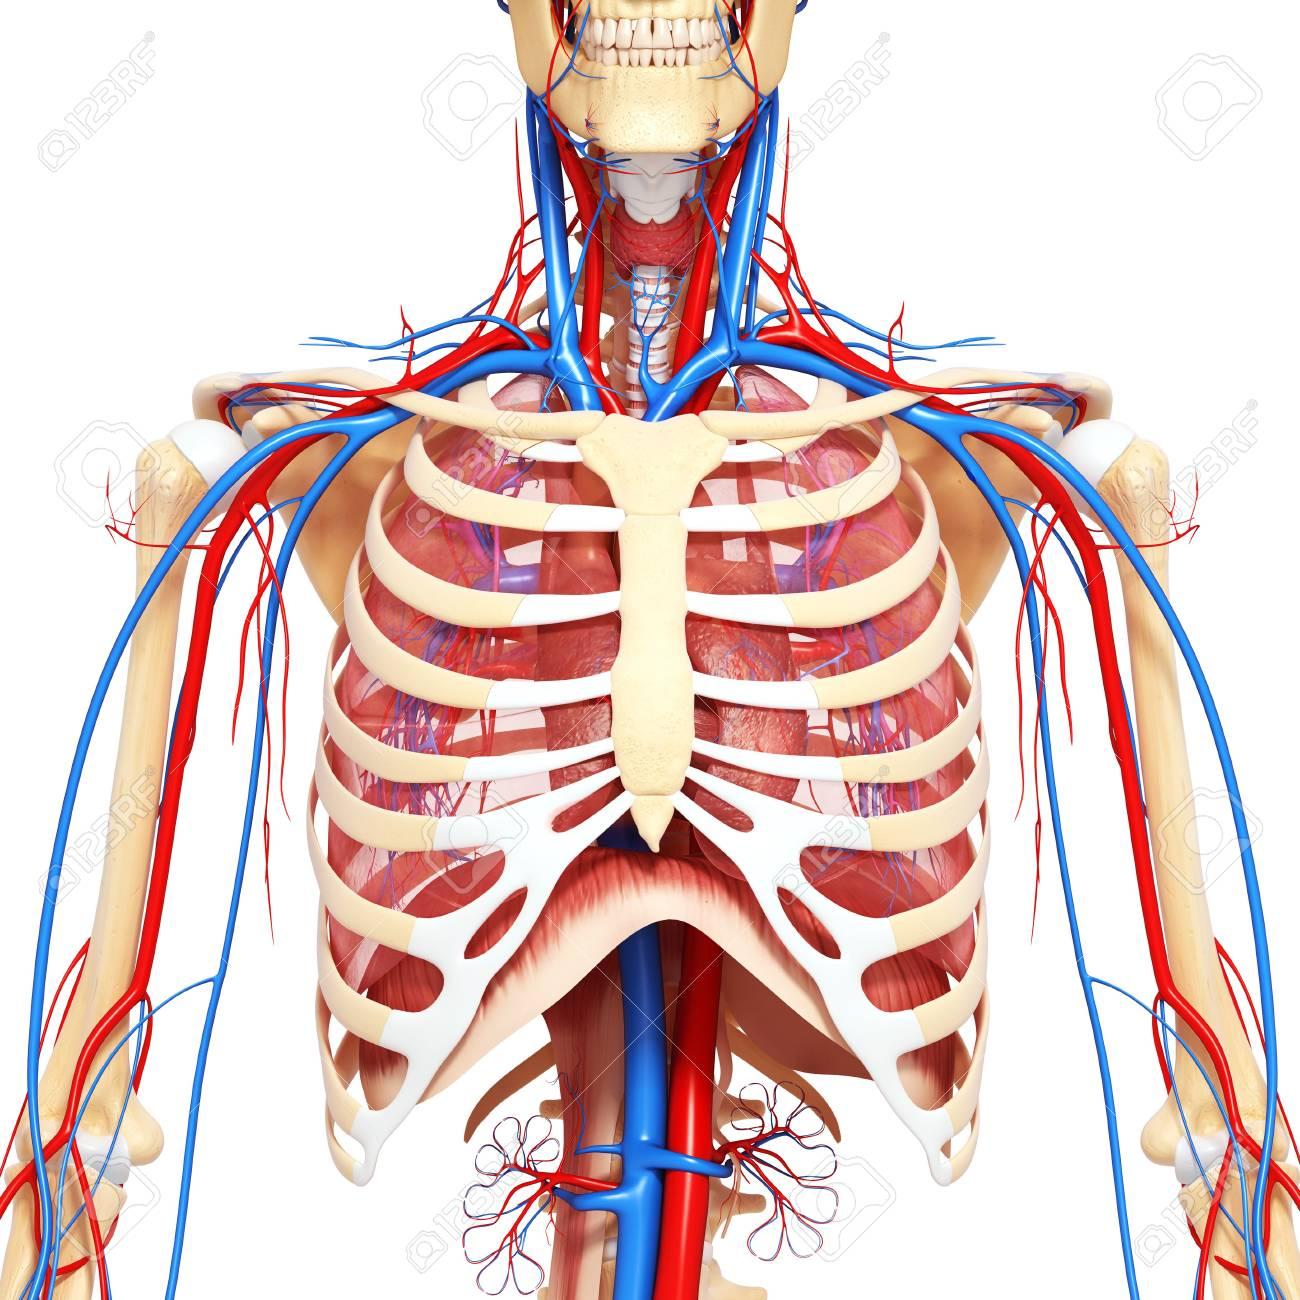 Magnífico Tórax Anatomía Pem Regalo - Imágenes de Anatomía Humana ...